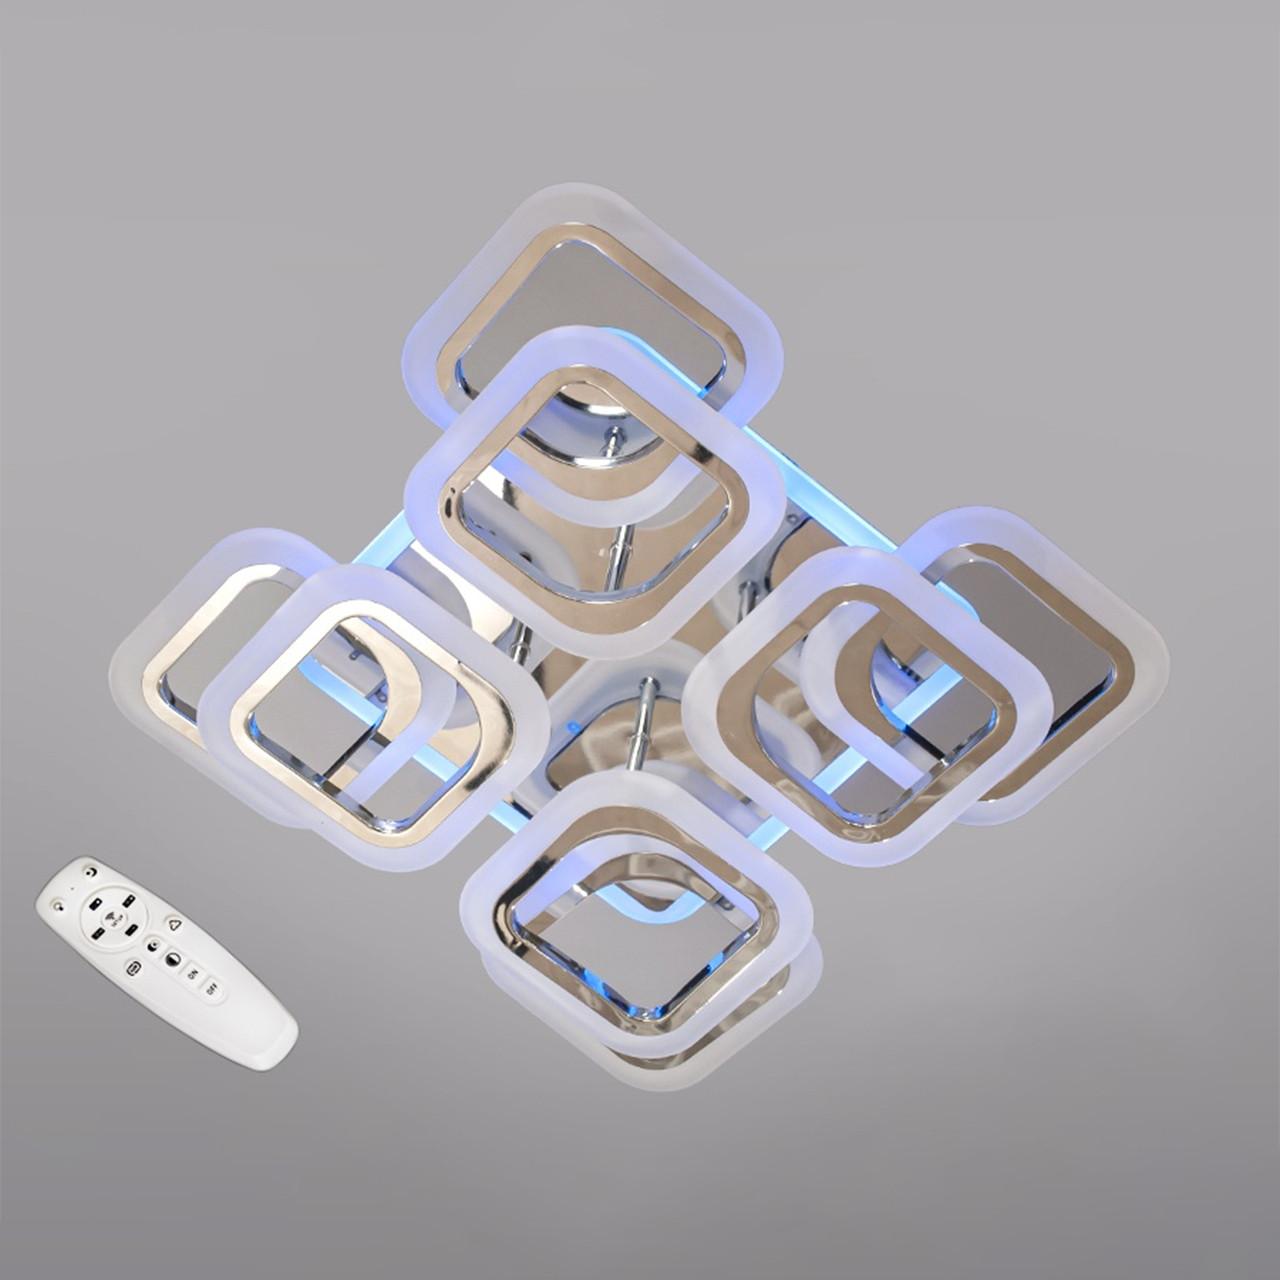 Світлодіодна люстра хром 110 Вт 45 см на пульті д/у з діммером і підсвічуванням D-HAS9171/4+4HR LED